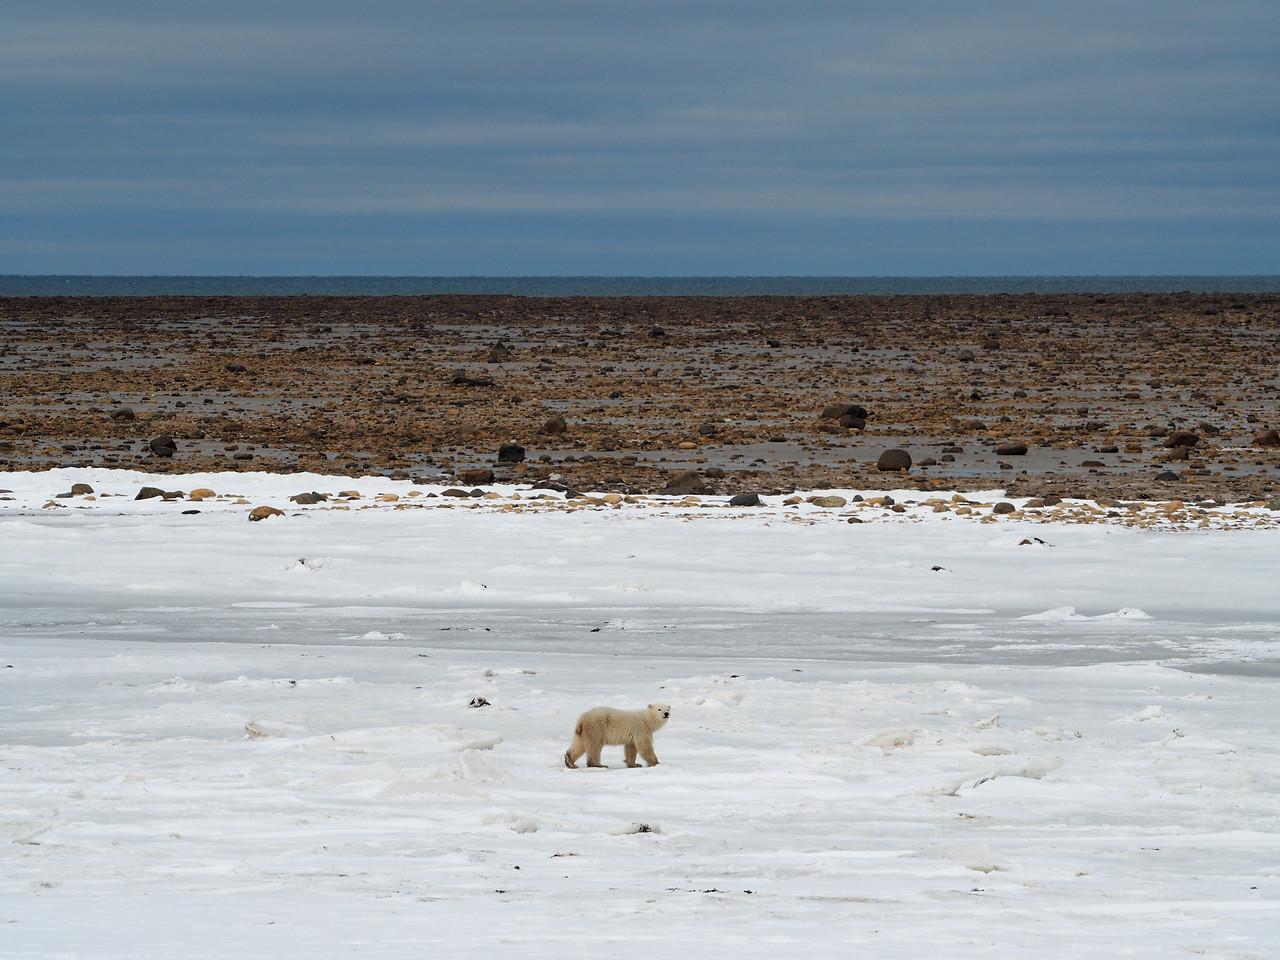 Orphaned polar bear cub